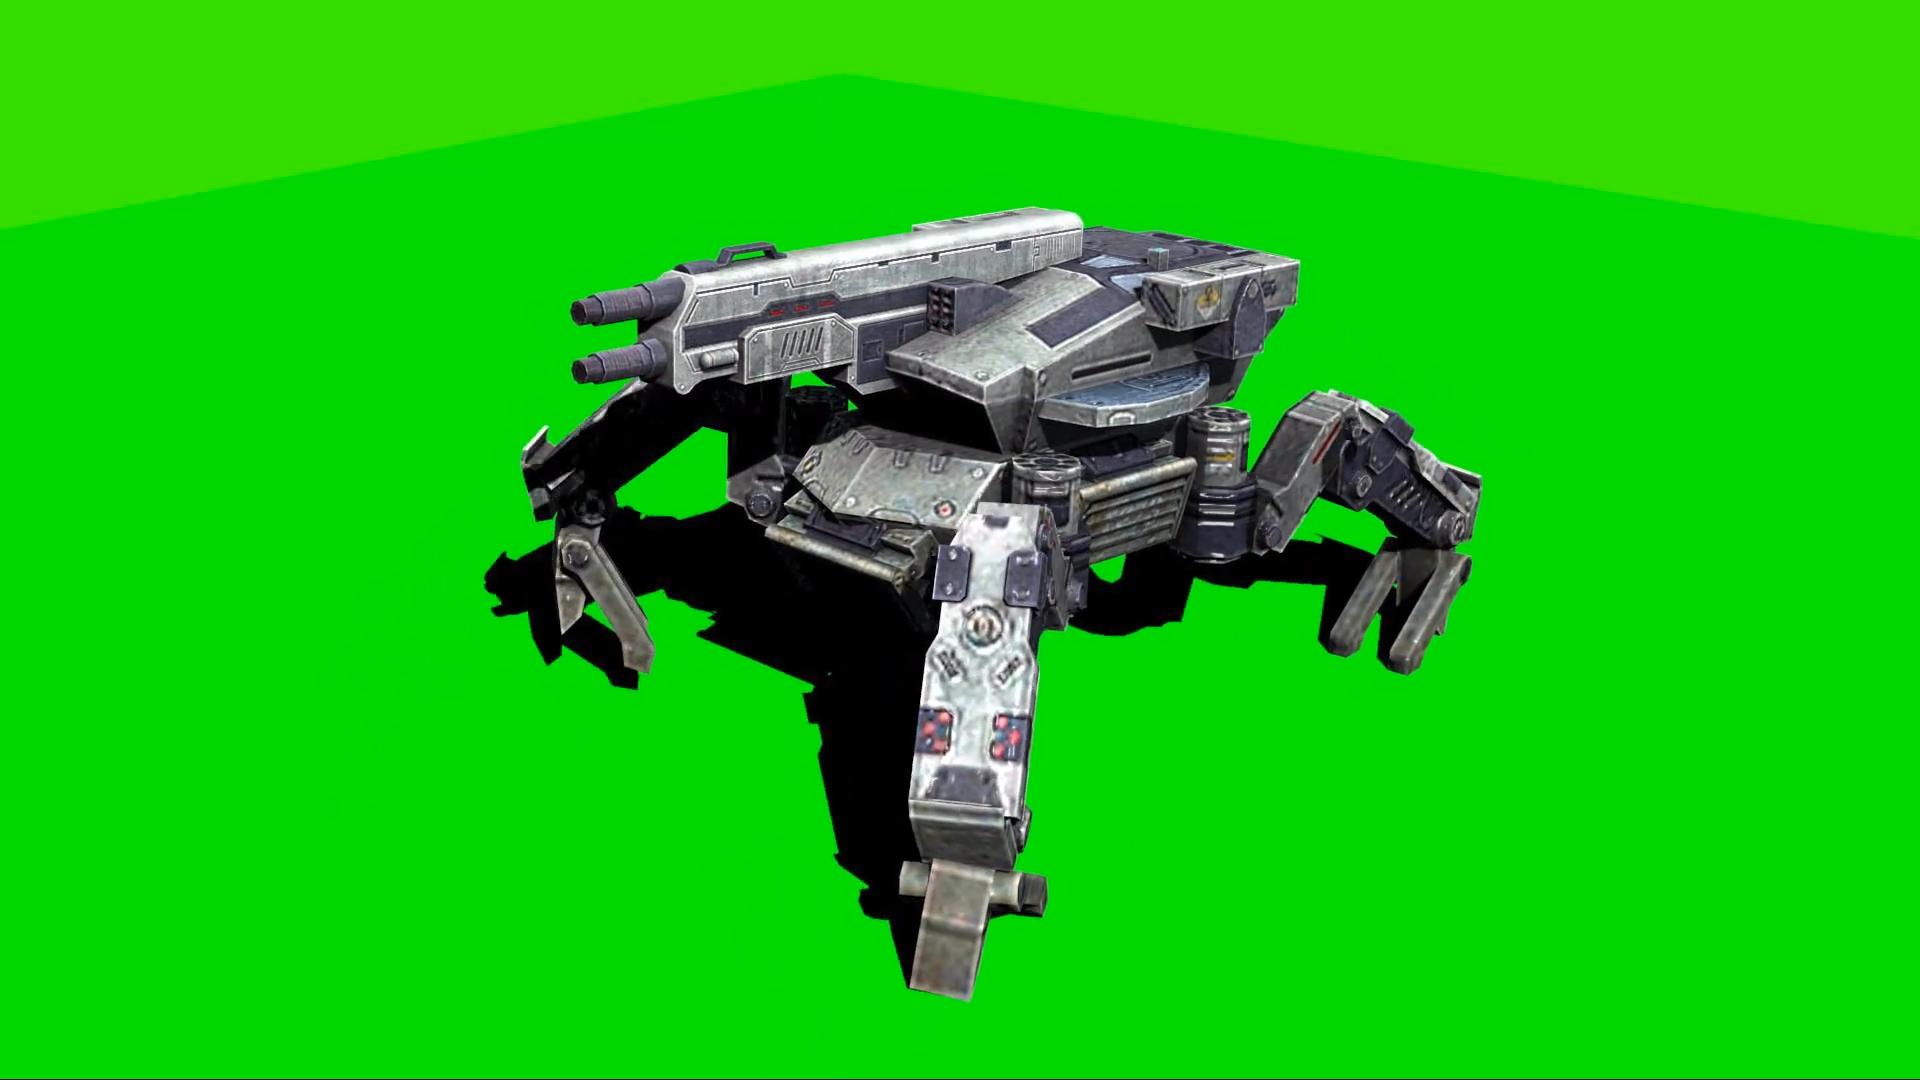 绿幕抠像-机械坦克行走和射击绿屏3D动画